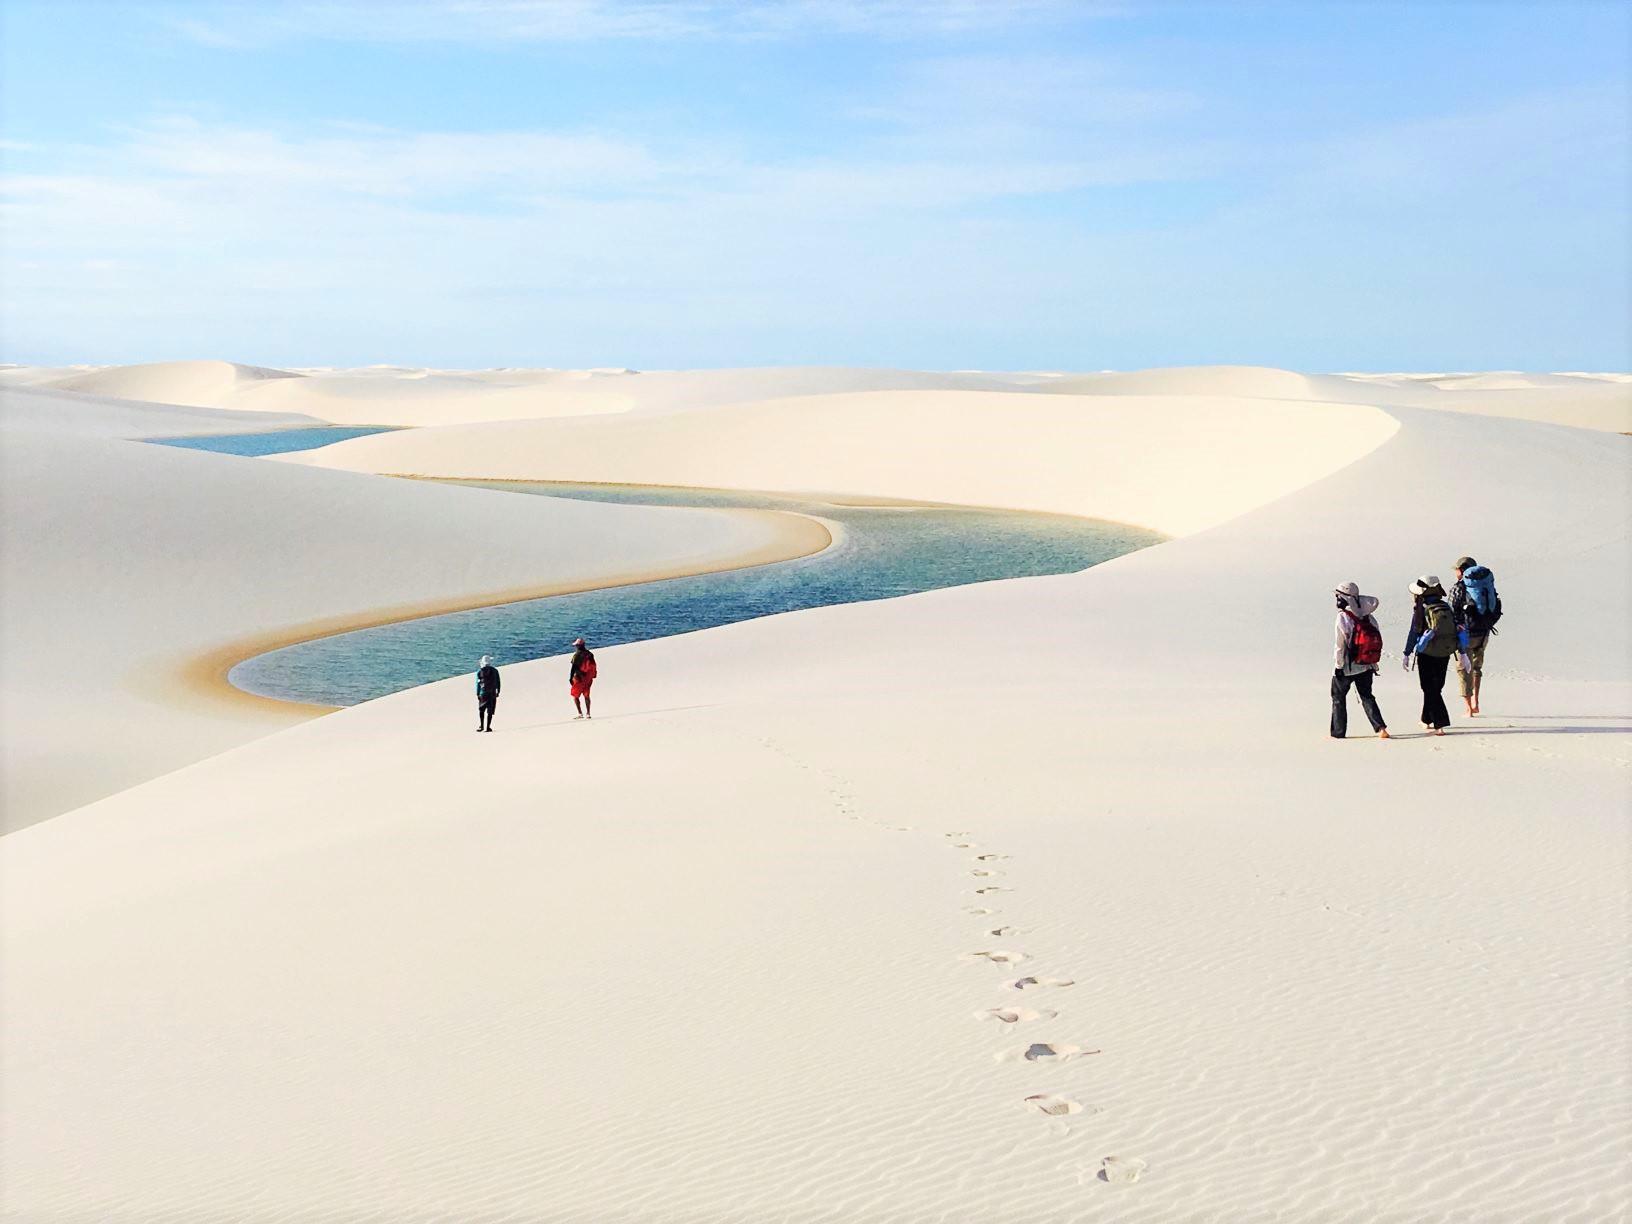 白い砂漠トレッキング、点在する青いラグーンが美しい